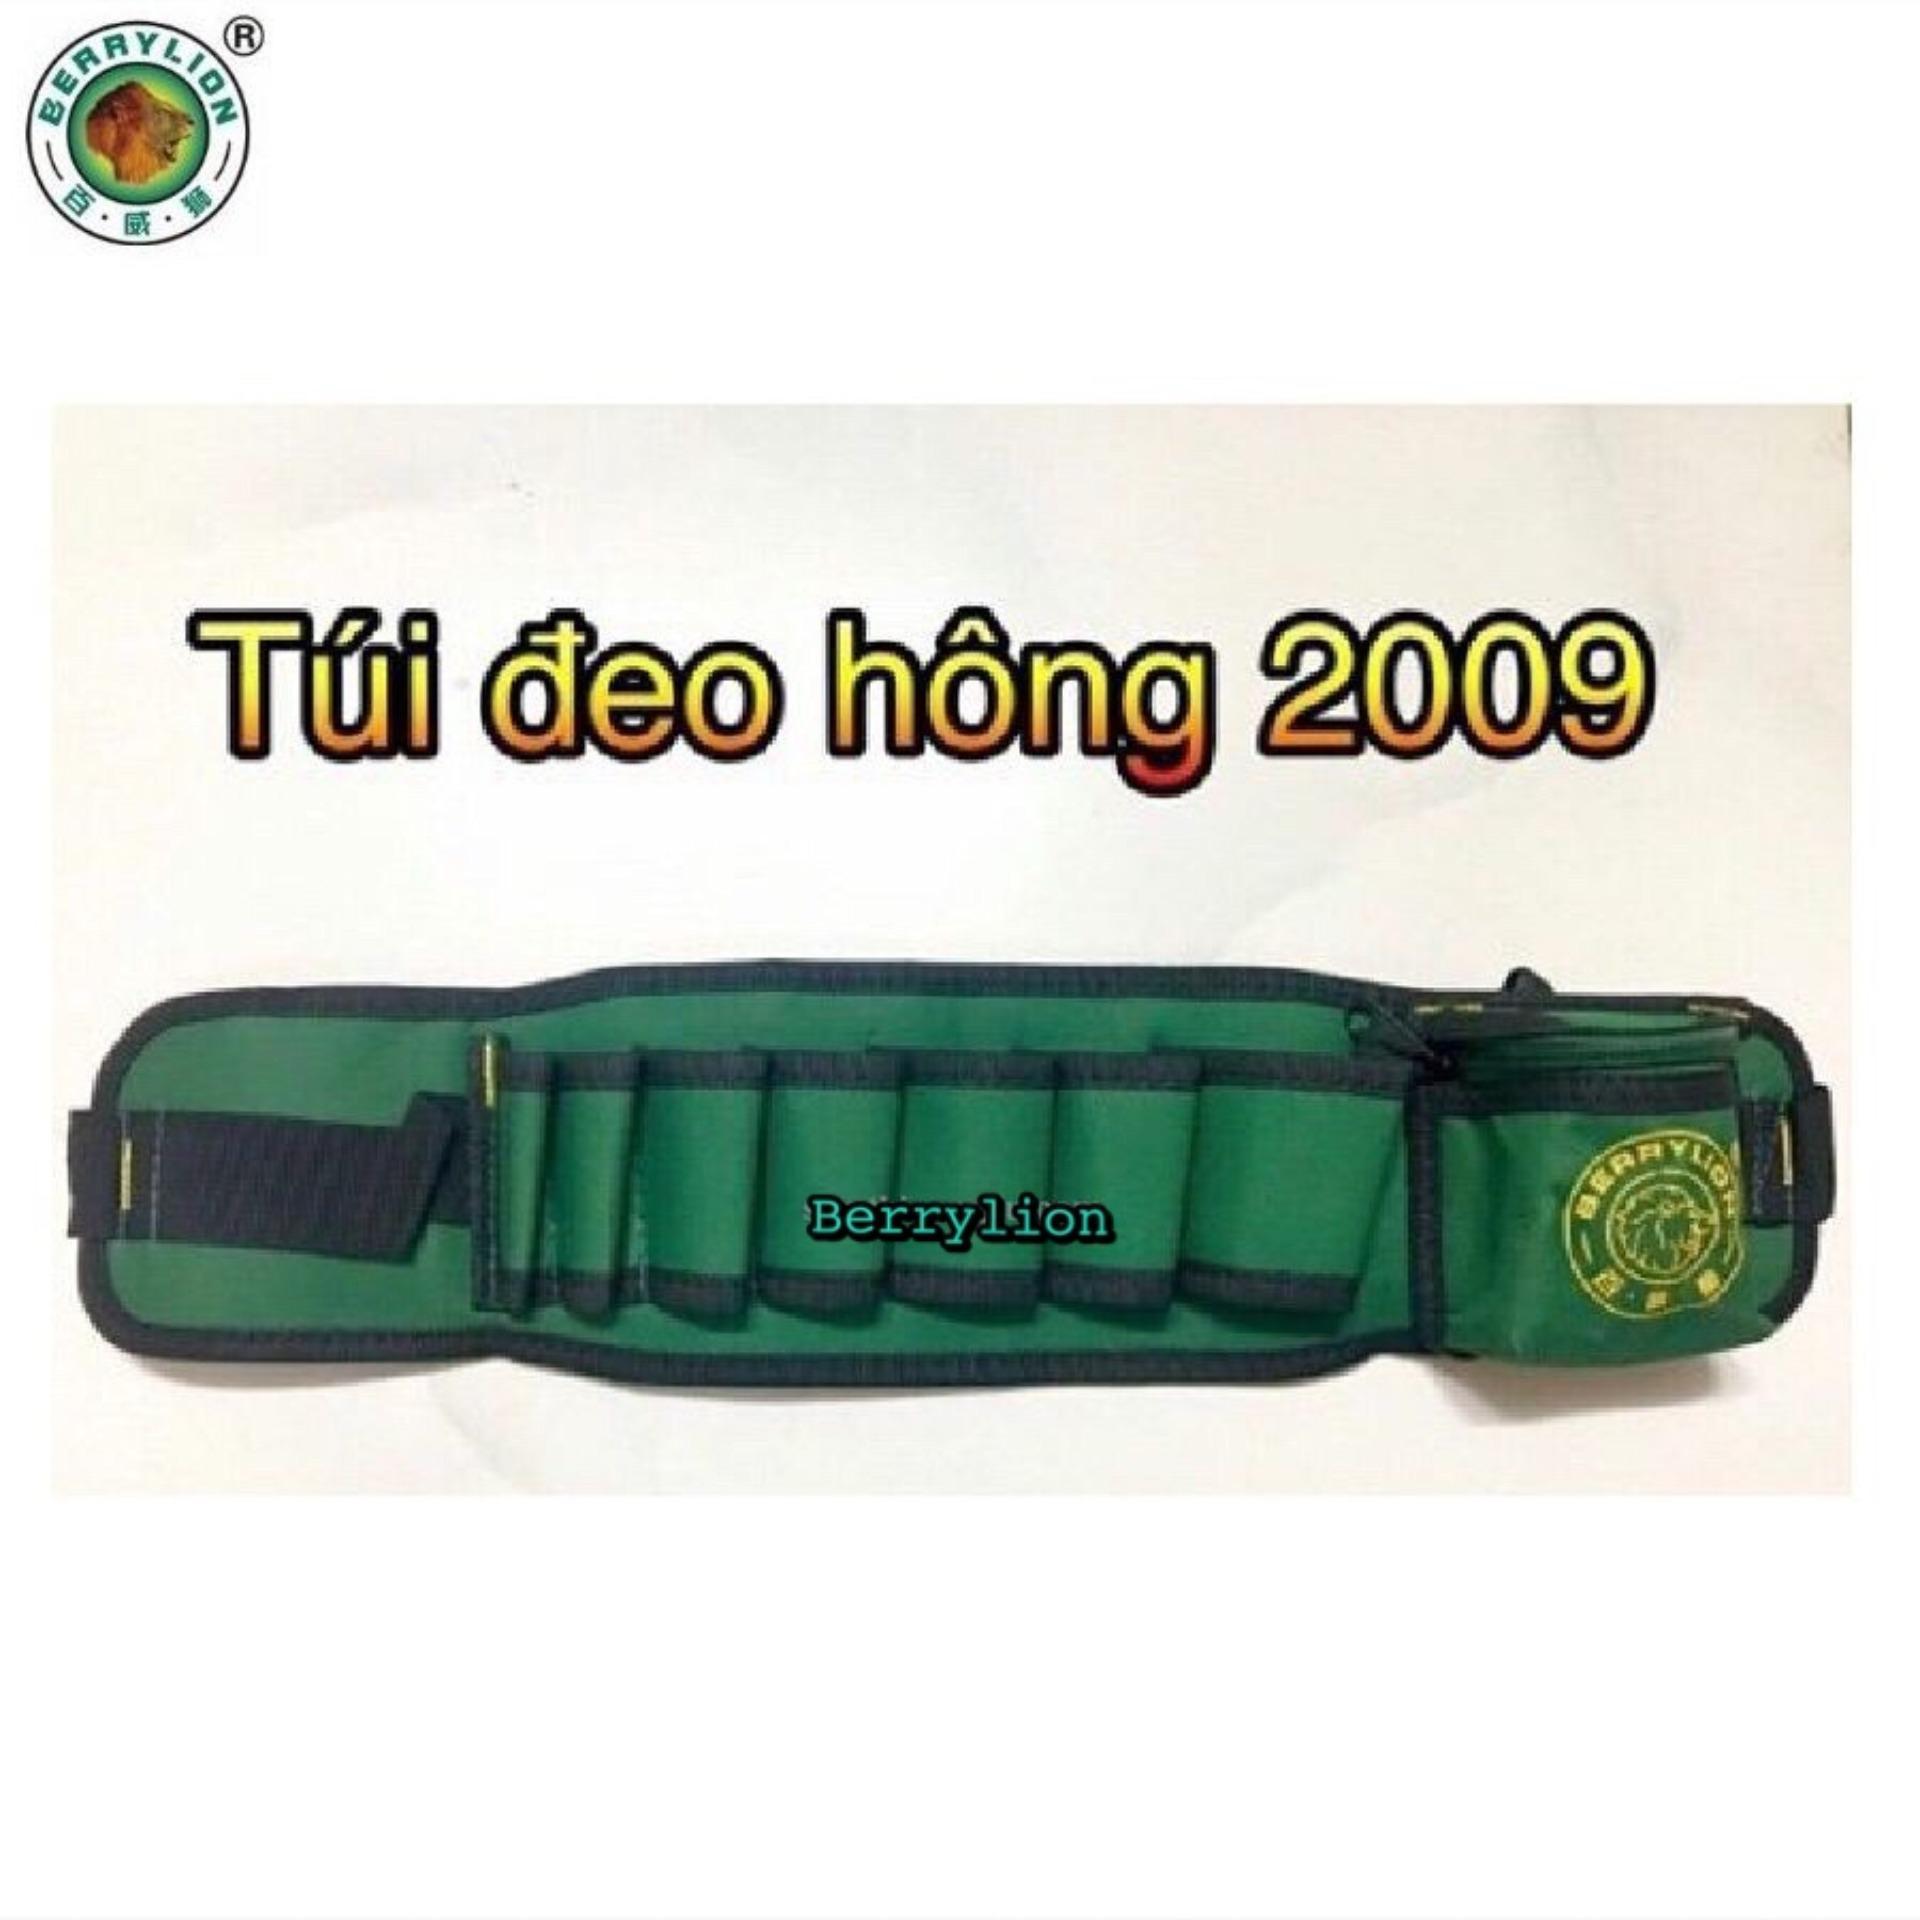 TÚI ĐEO HÔNG 7 LỖ BERRYLION - 2009